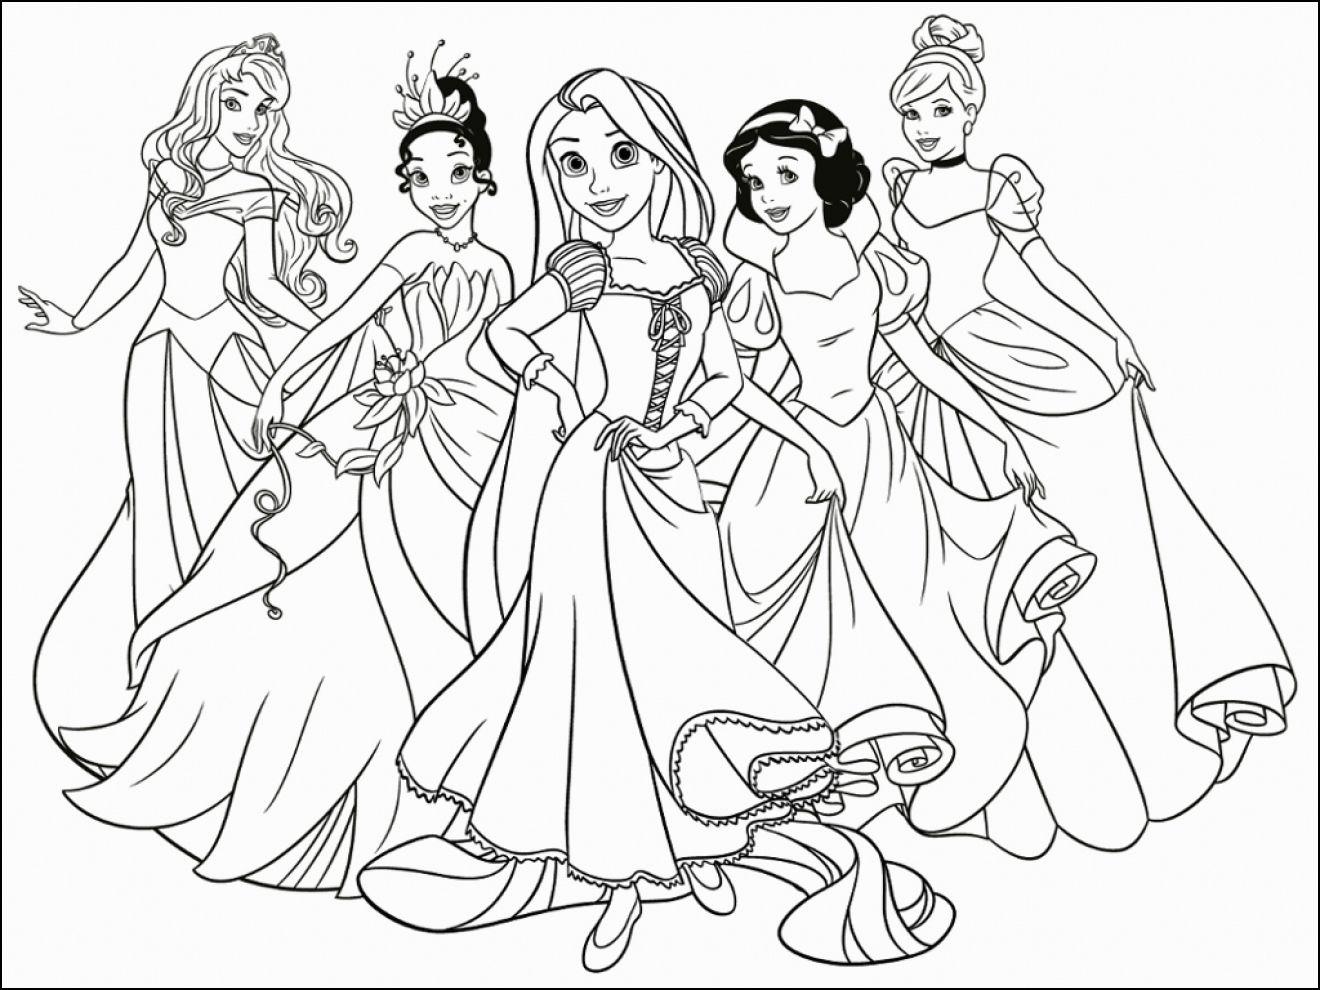 Immagini Principesse Da Colorare.Disegni Da Colorare E Stampare Principesse Disegni Da Stampare